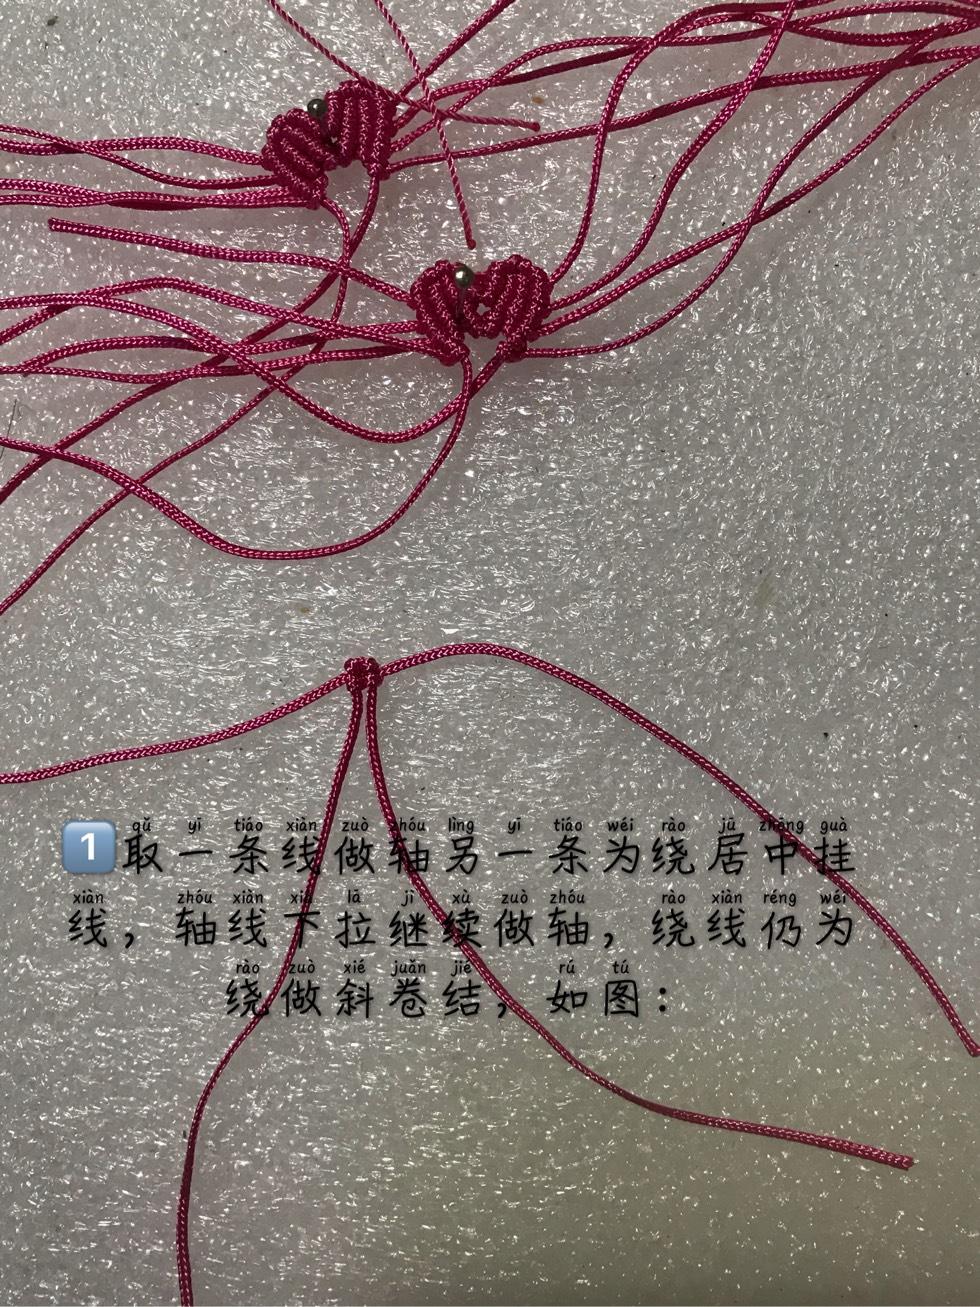 中国结论坛 谷雨花 描写谷雨的唯美短句,什么花被称为谷雨花,桂花飘香是什么时节,谷雨的代表花是什么,谷雨种花是什么花 图文教程区 231333v9hzgn9izf3dakai